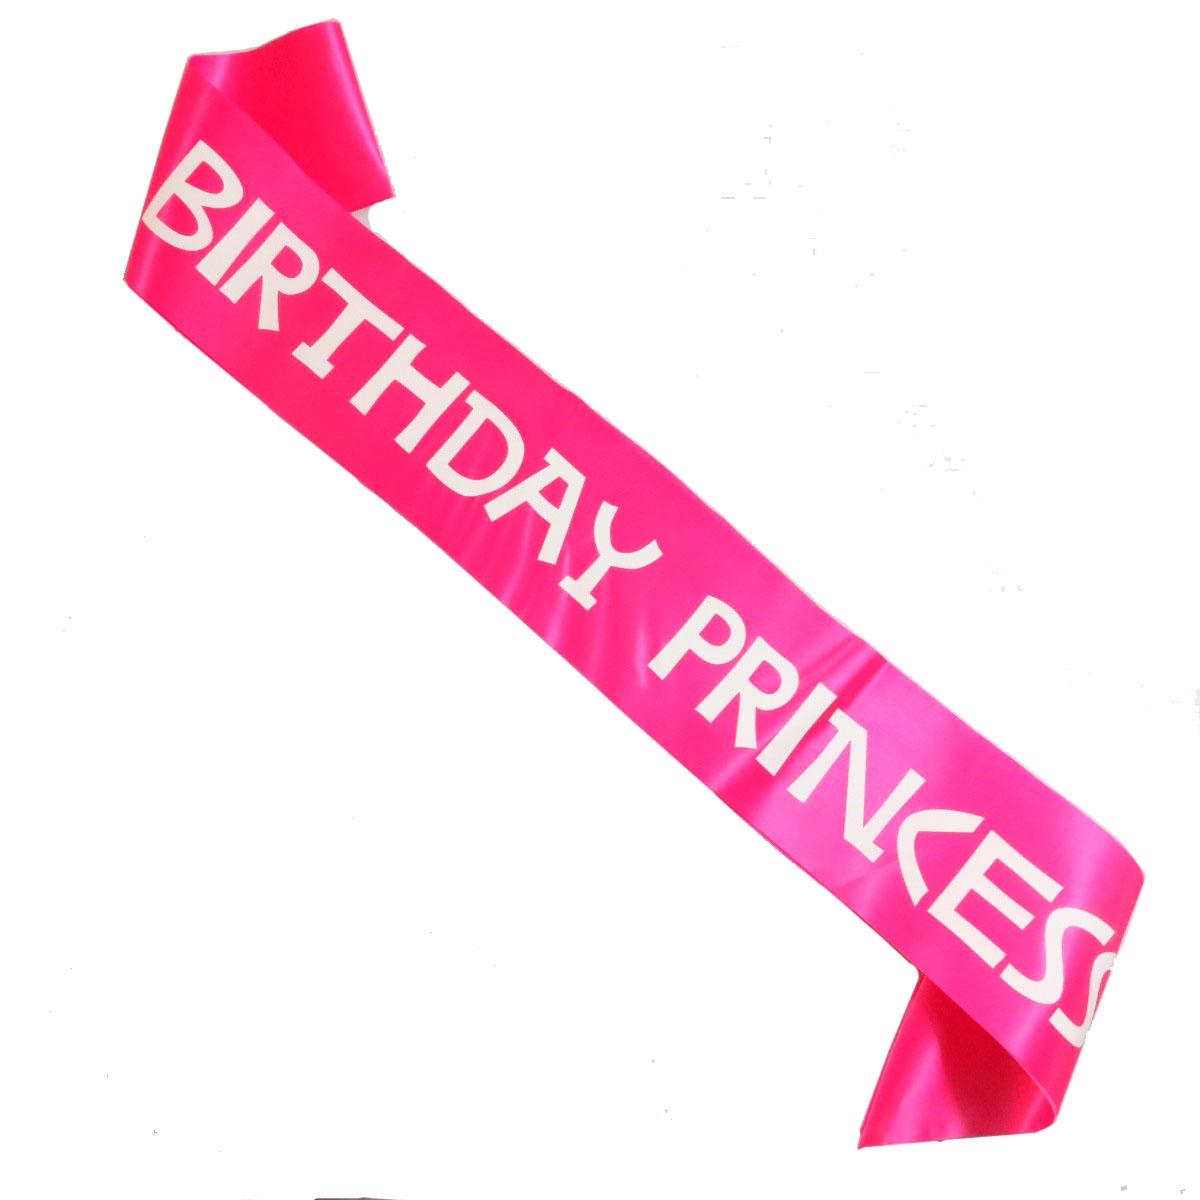 12 adet Doğum Günü Prenses kanat beyaz veya siyah baskı yeni tasarım 5 renkler saten kurdele kız prenses doğum günü partisi yanadır